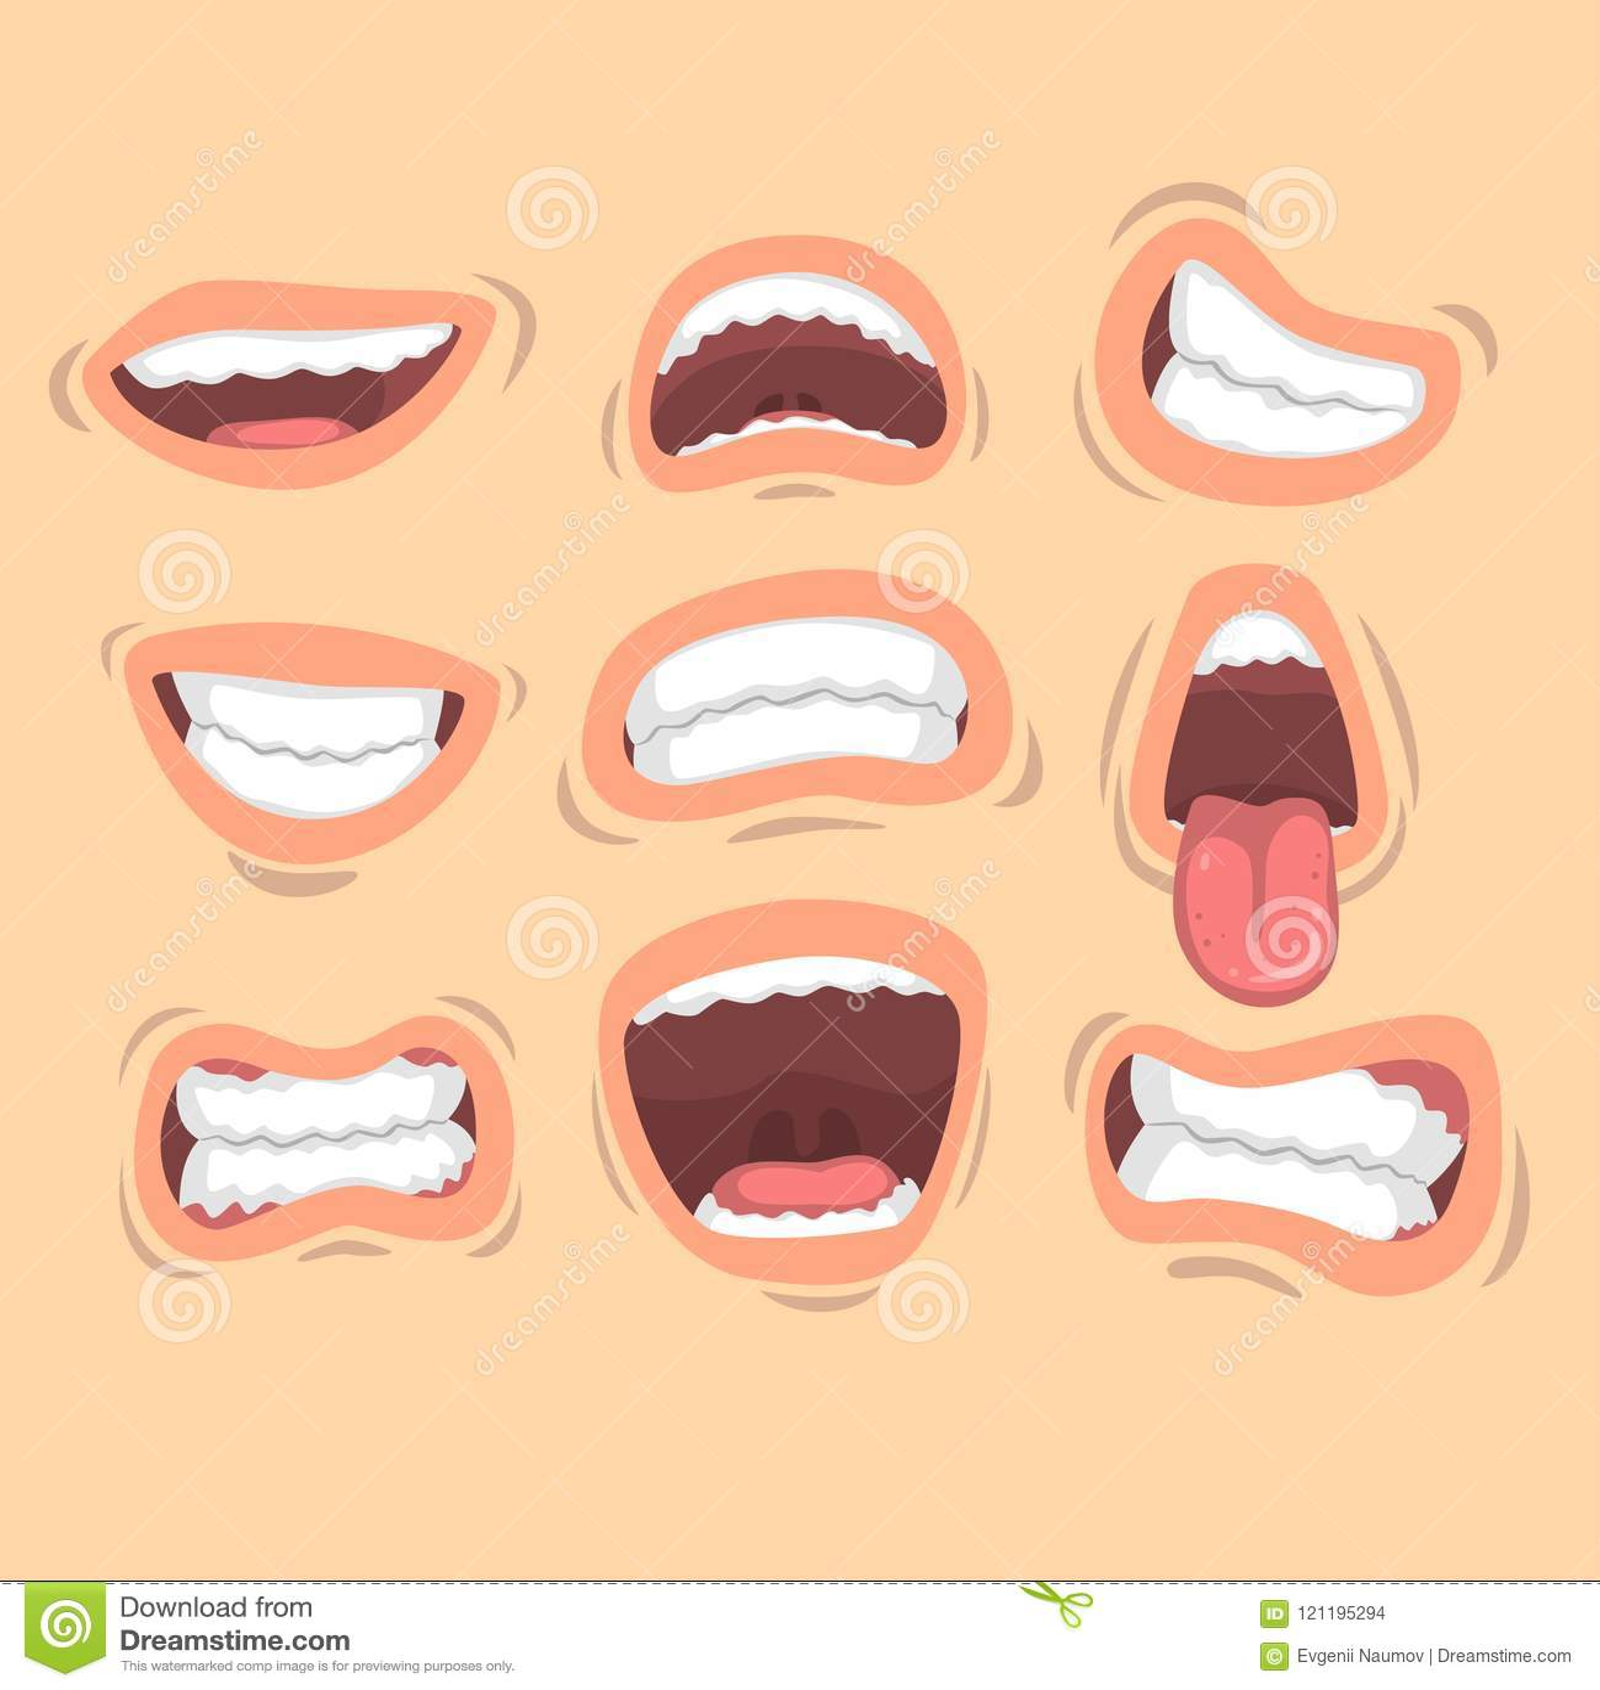 Επίπεδο διανυσματικό σύνολο αρσενικών στομάτων με τις διαφορετικές συγκινήσεις Χαμόγελο, που κολλά έξω τη γλώσσα, θυμός, ευτυχία